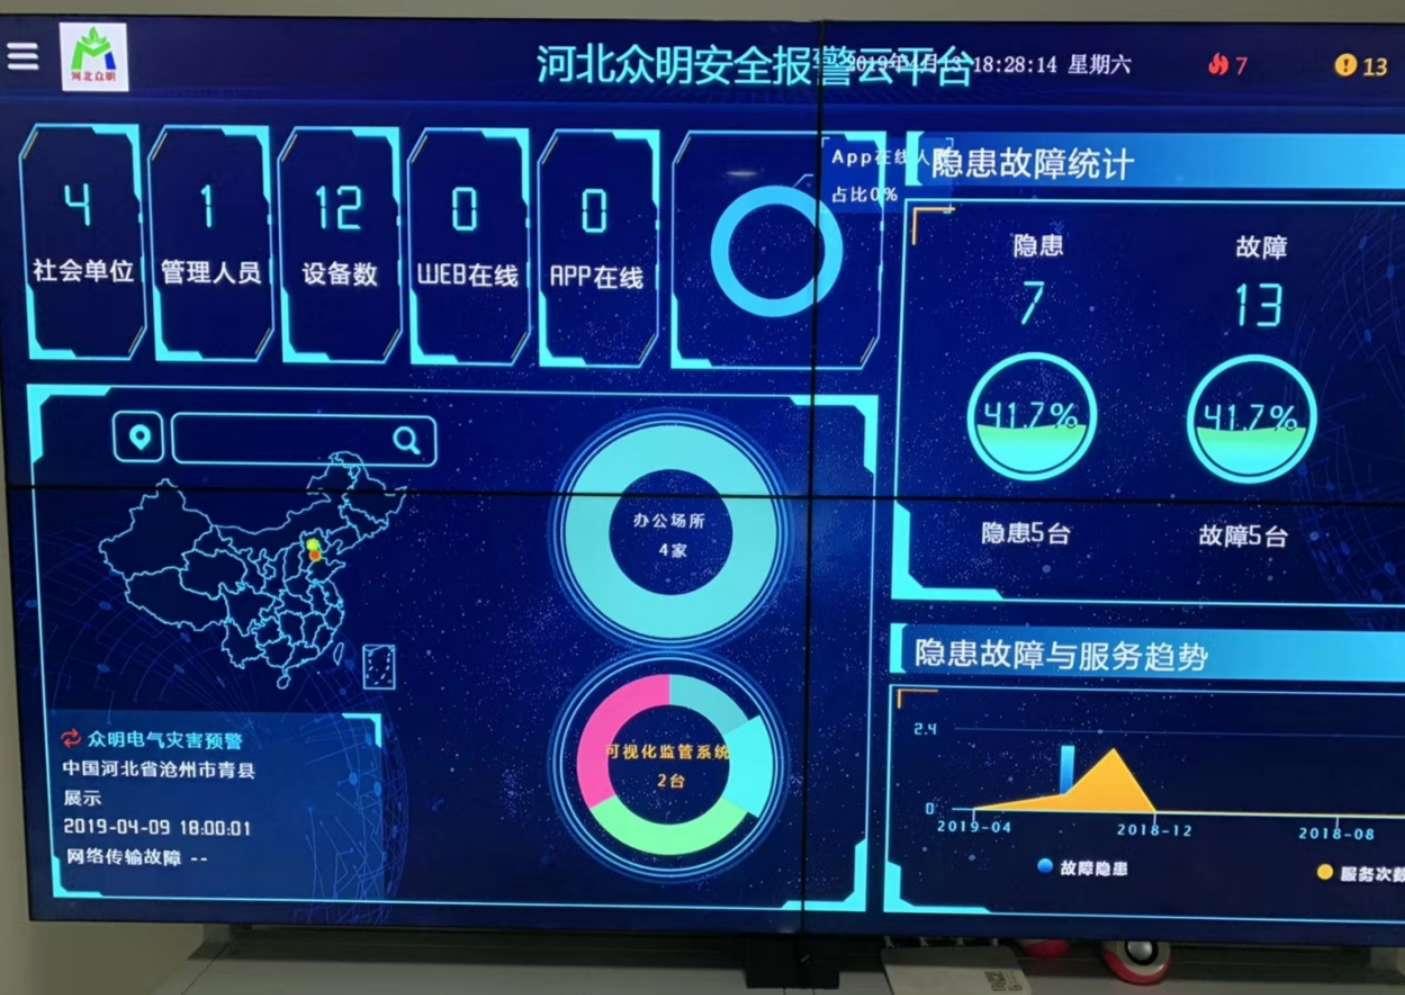 物联网智能安全预警监控平台@河北物联网安全预警监控平台厂家直销